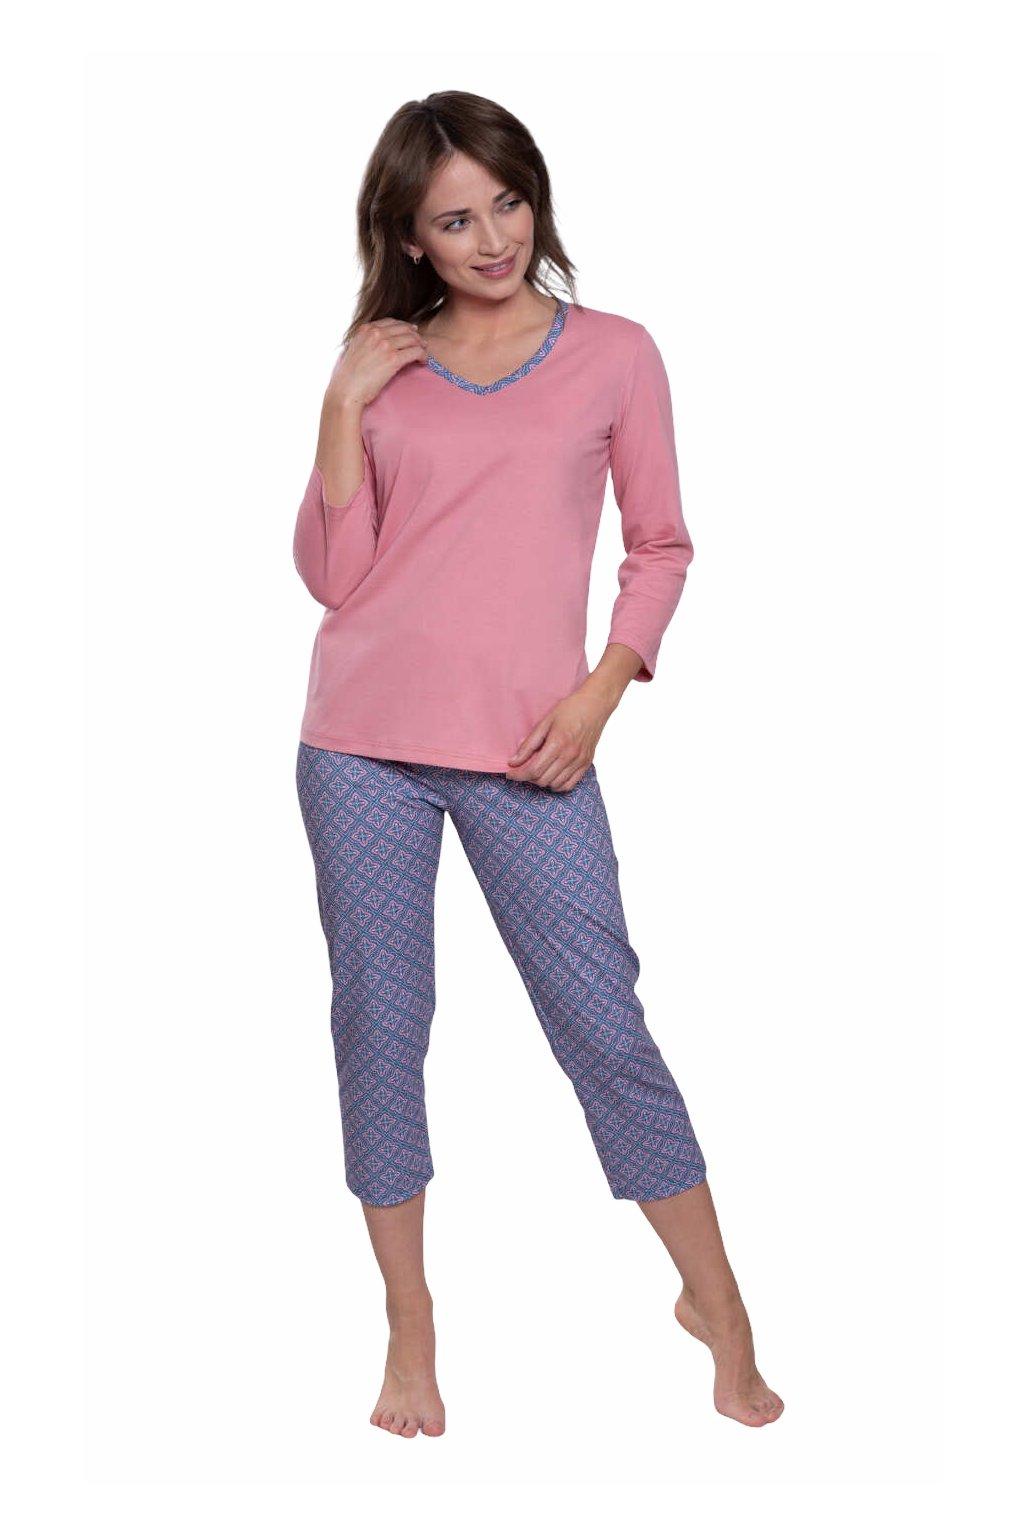 Dámské pyžamo s 3/4 rukávem, 104574 62, růžová